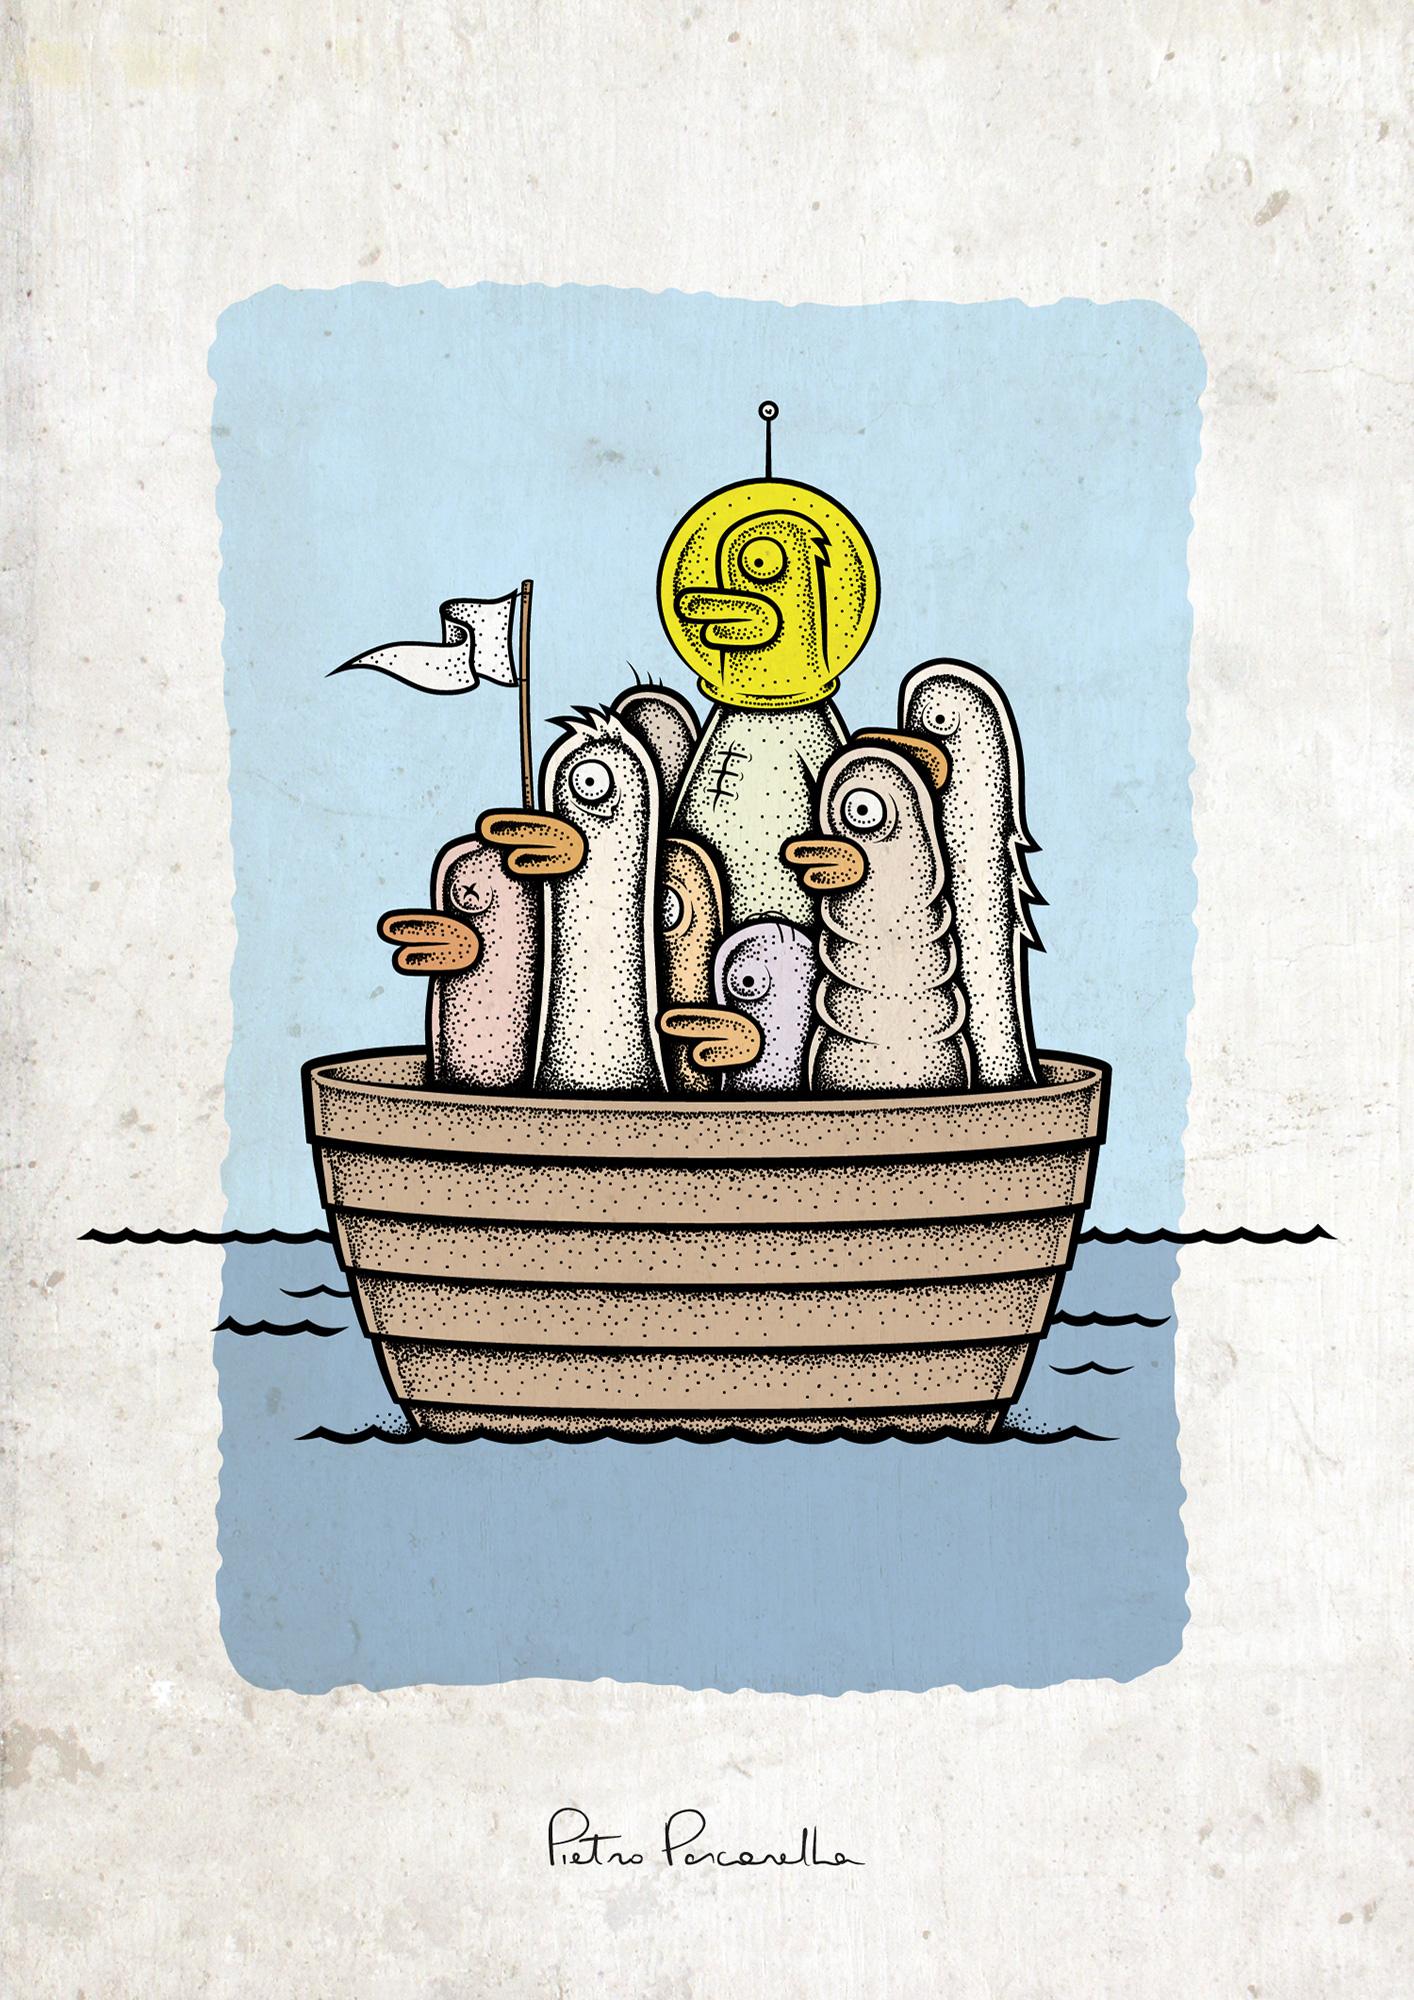 Ducks in the Boat